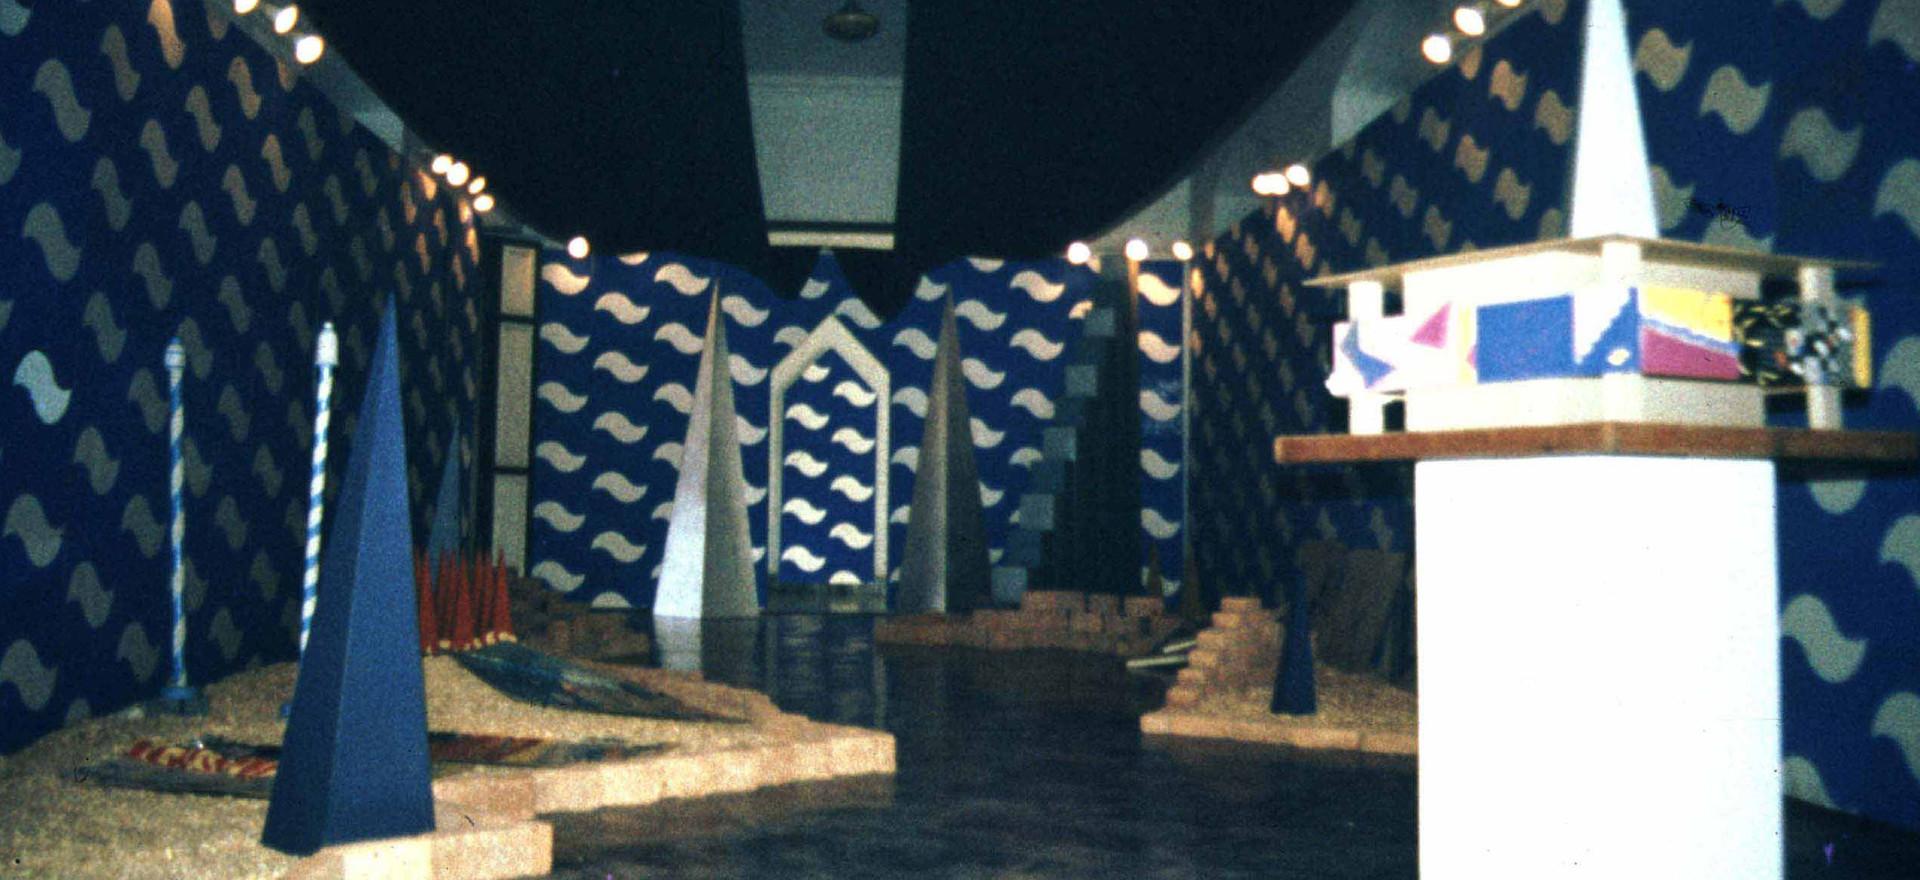 Exposicion Detras de la fachada. luz y oficios, La Habana. 1986